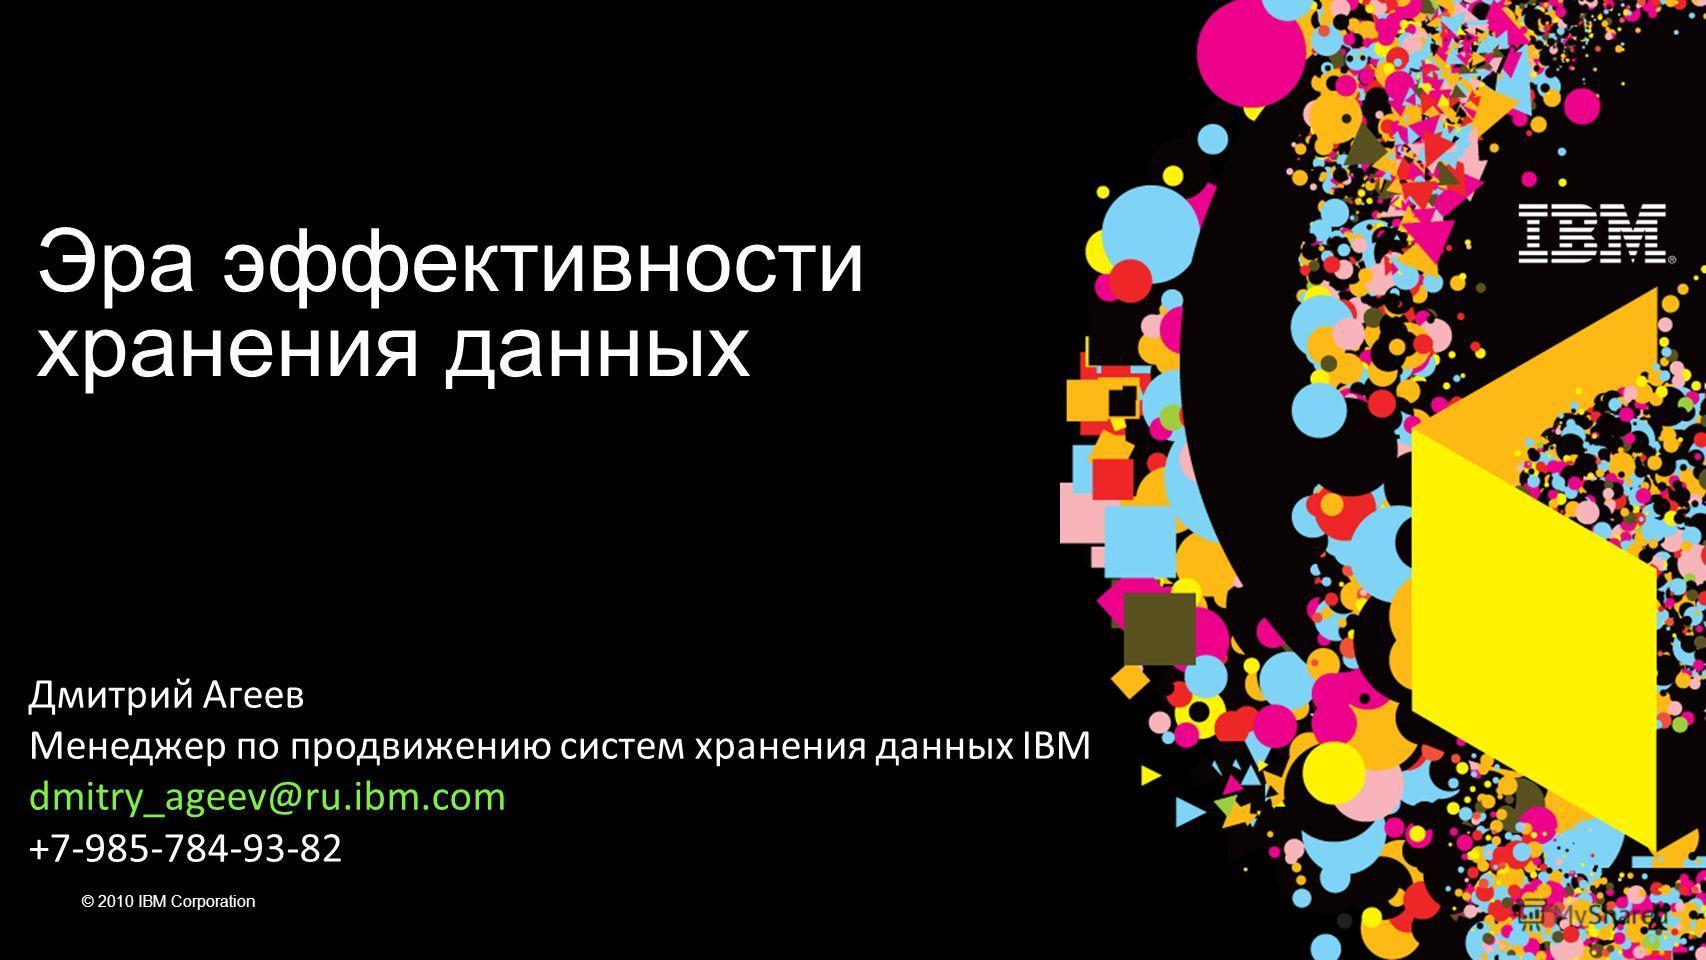 © 2010 IBM Corporation Дмитрий Агеев Менеджер по продвижению систем хранения данных IBM dmitry_ageev@ru.ibm.com +7-985-784-93-82 Эра эффективности хранения данных